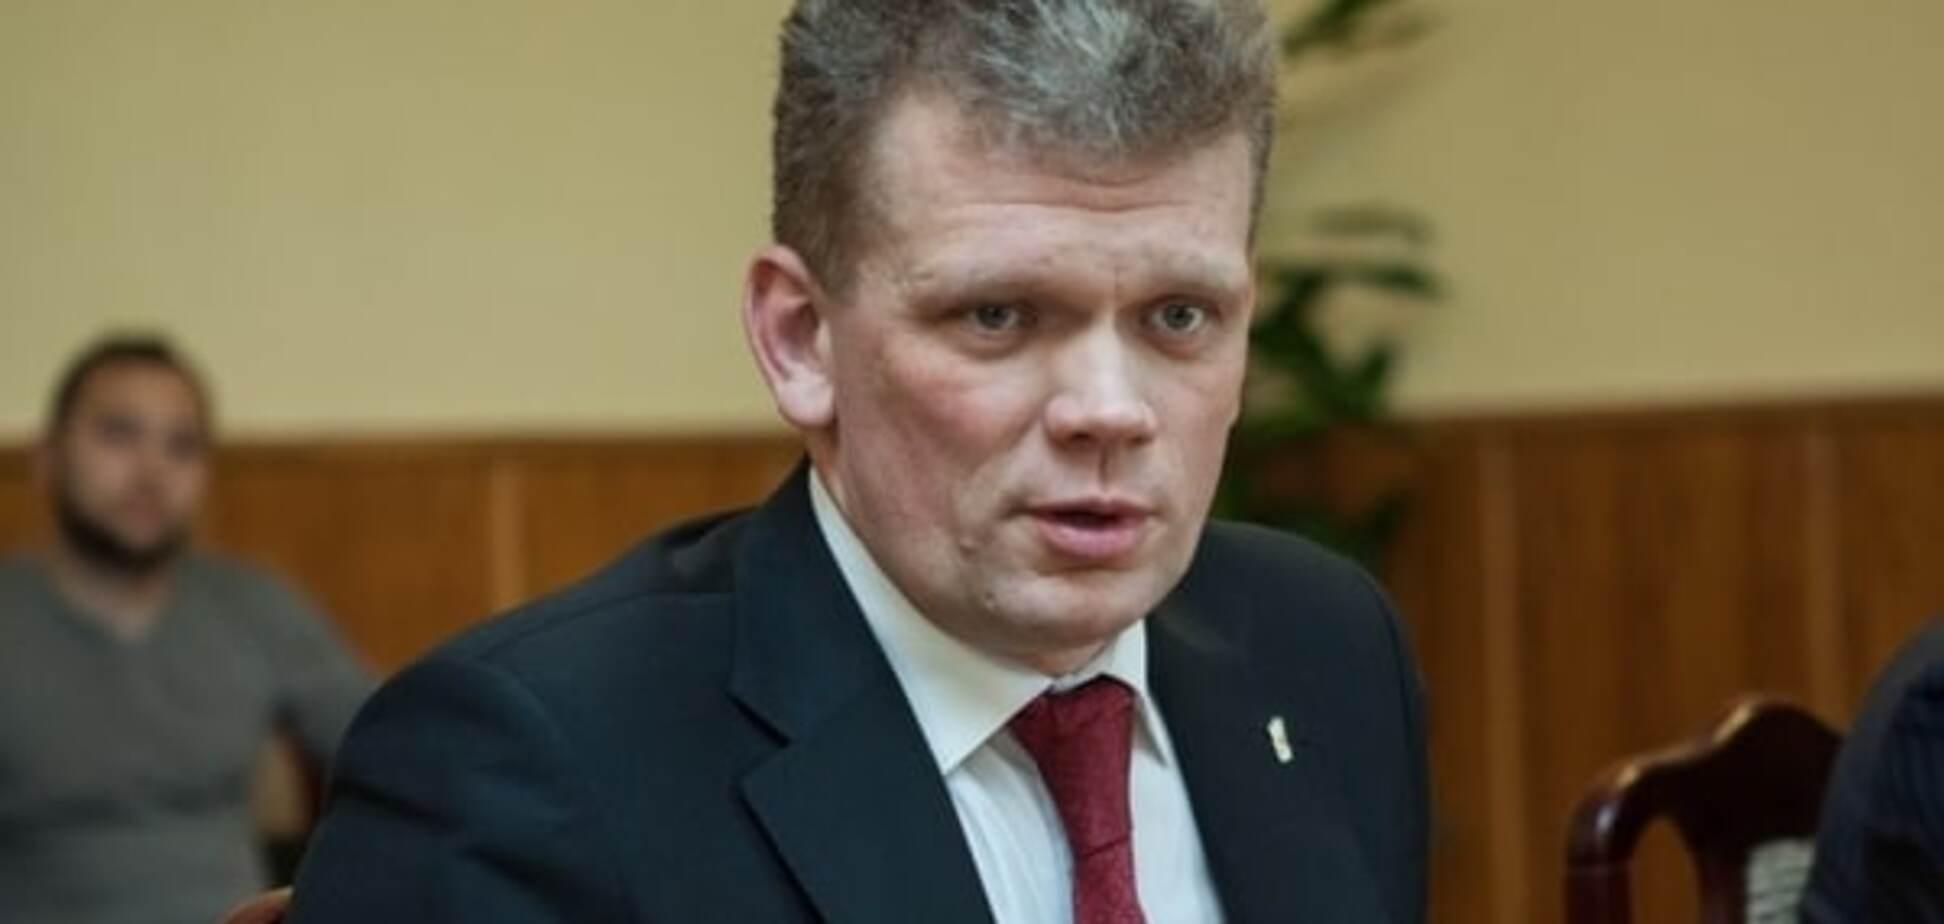 Бойня под Радой: Швайку отпустили на поруки депутатов